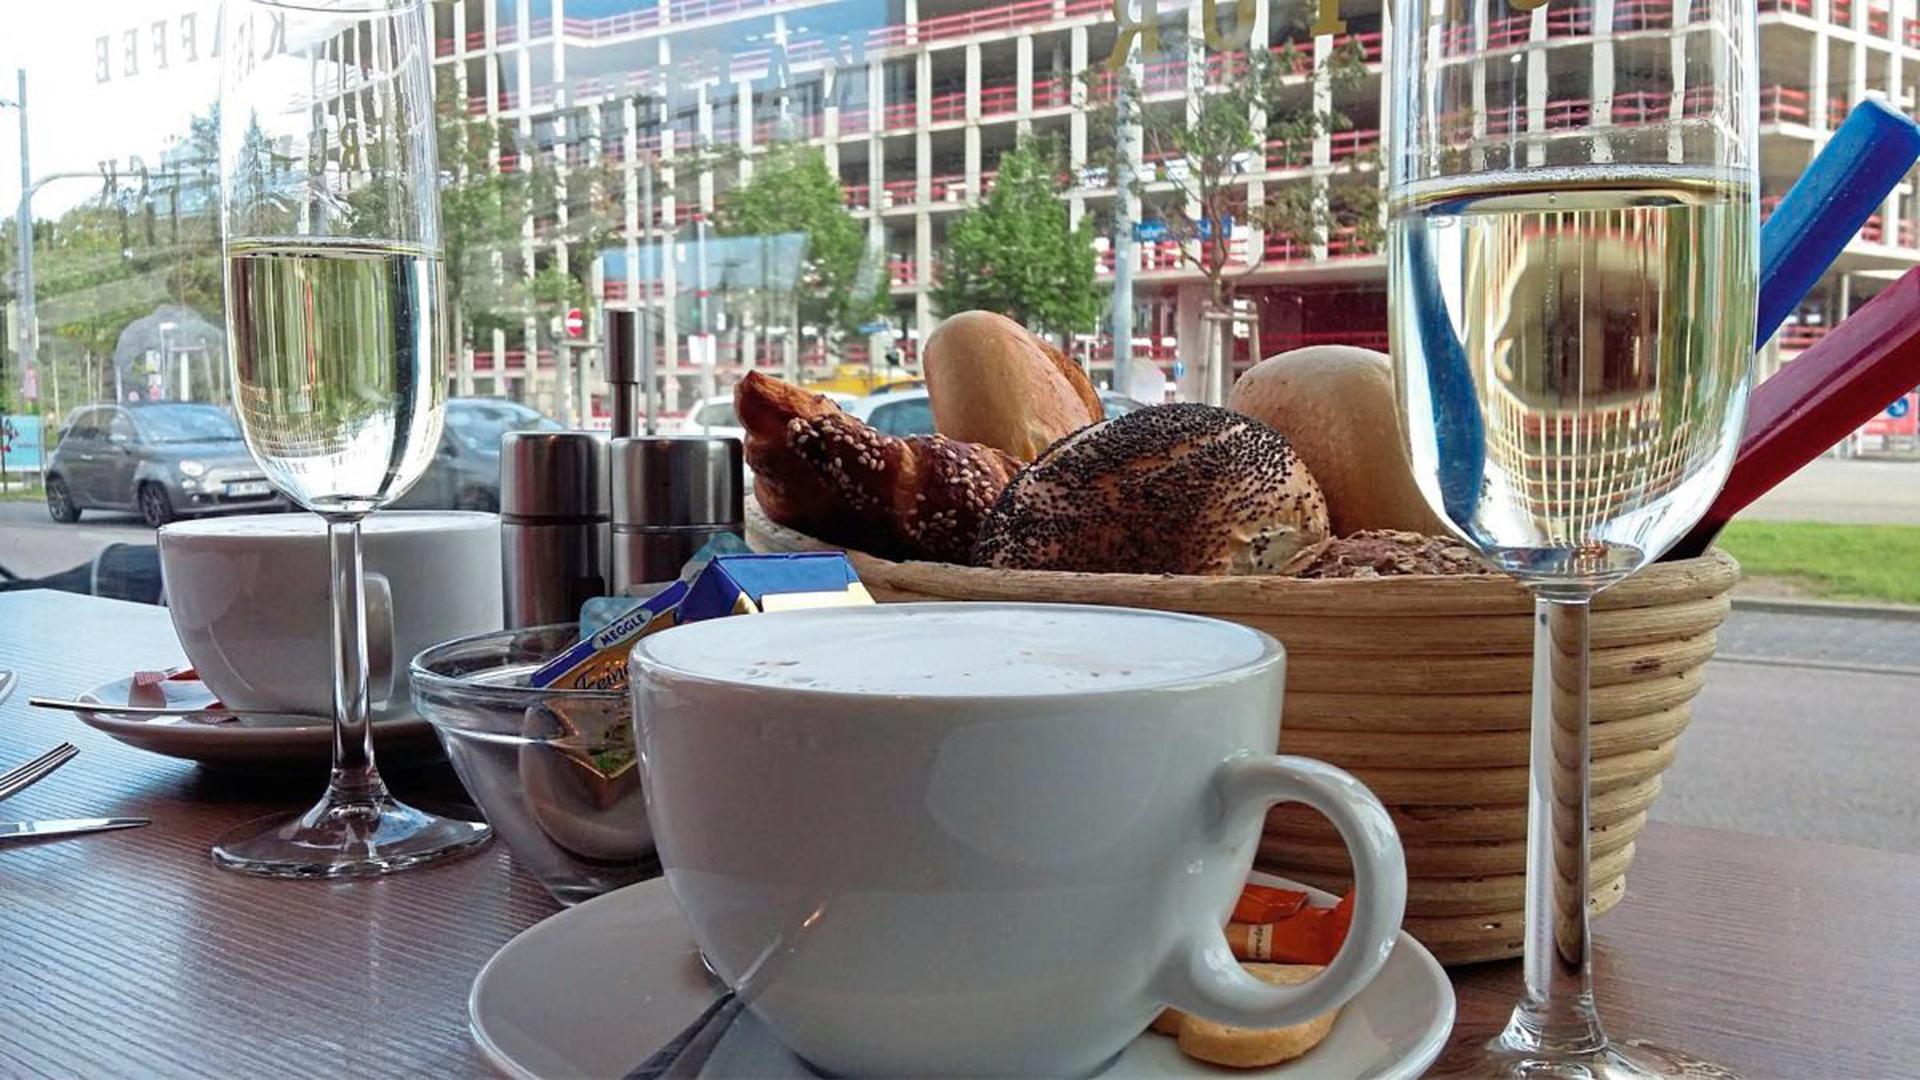 """Lecker Frühstücken lässt es sich in Karlsruhe an vielen Orten - zum Beispiel im """"Laib und Leben"""" in der Ludwig-Erhard-Allee."""